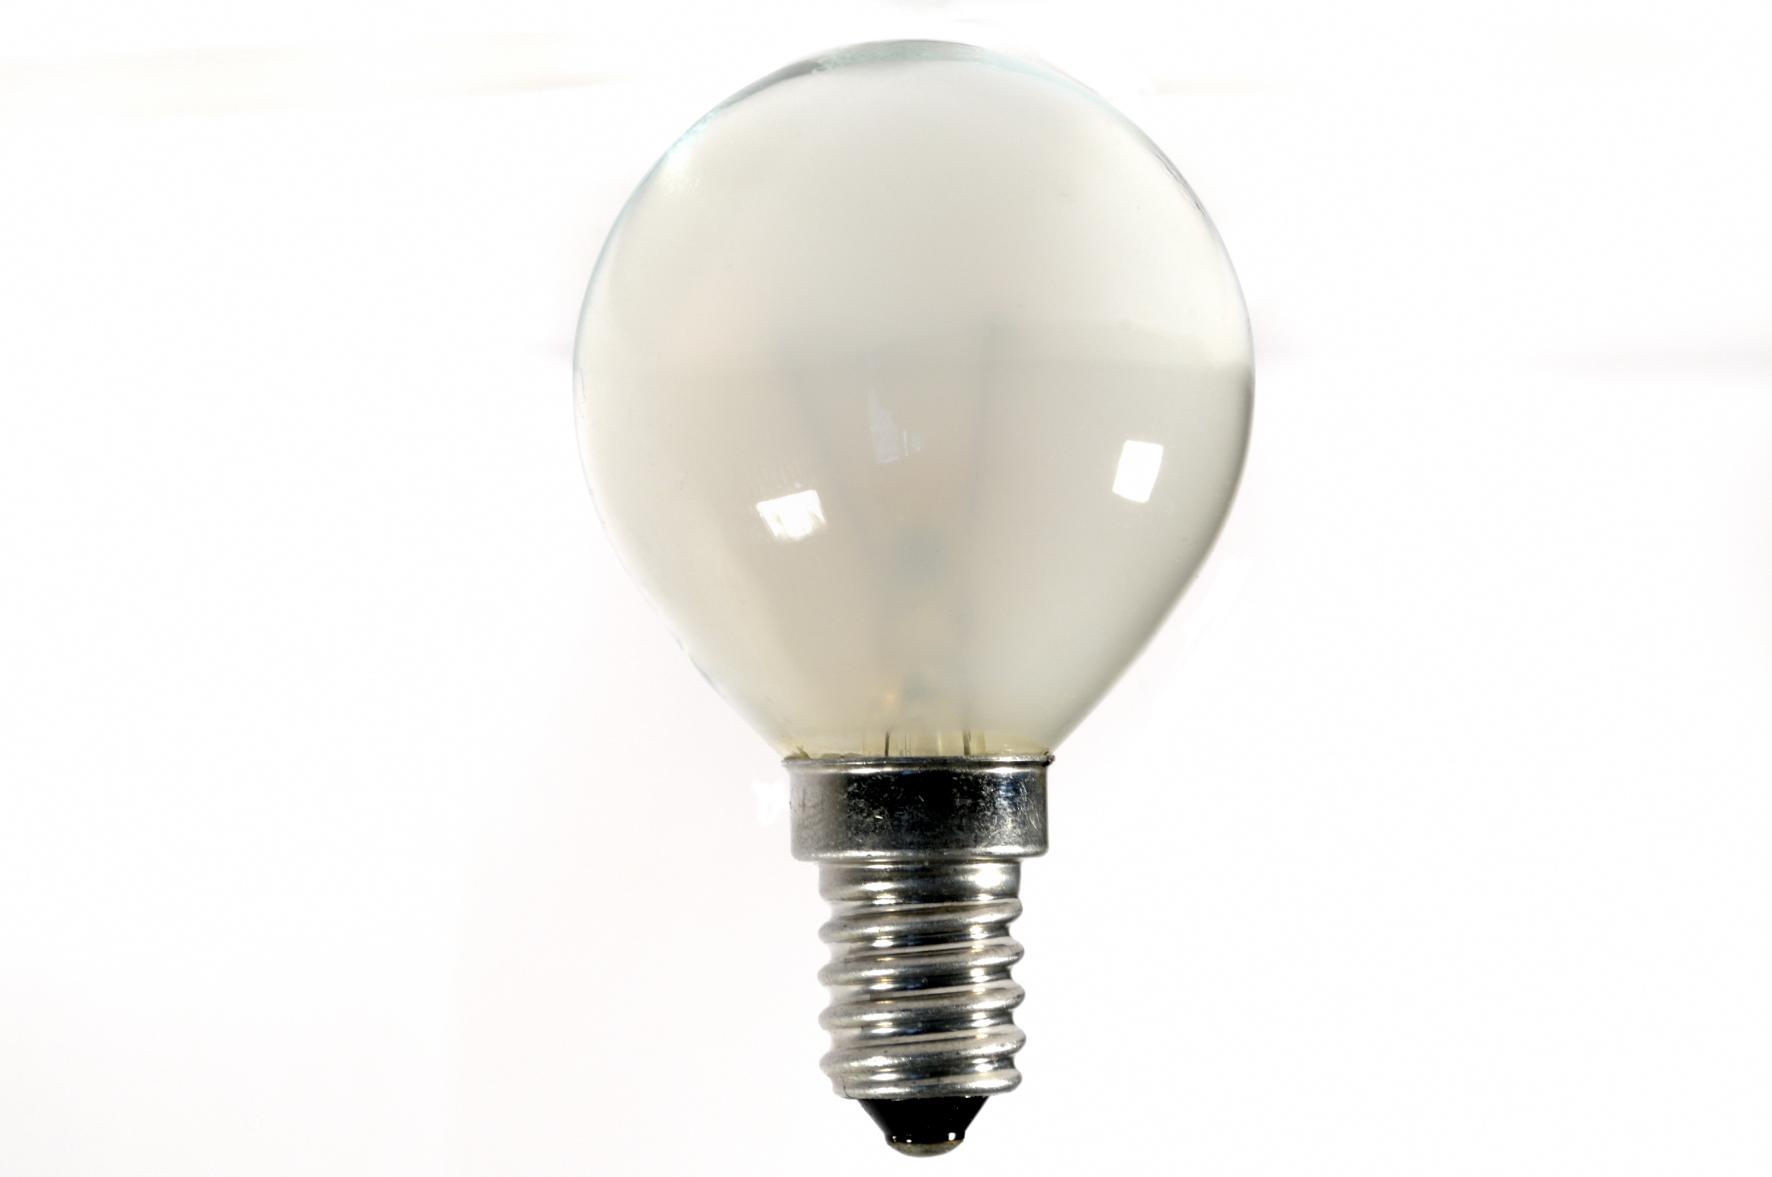 ampoule 2 objets toute image niffylux banque d. Black Bedroom Furniture Sets. Home Design Ideas